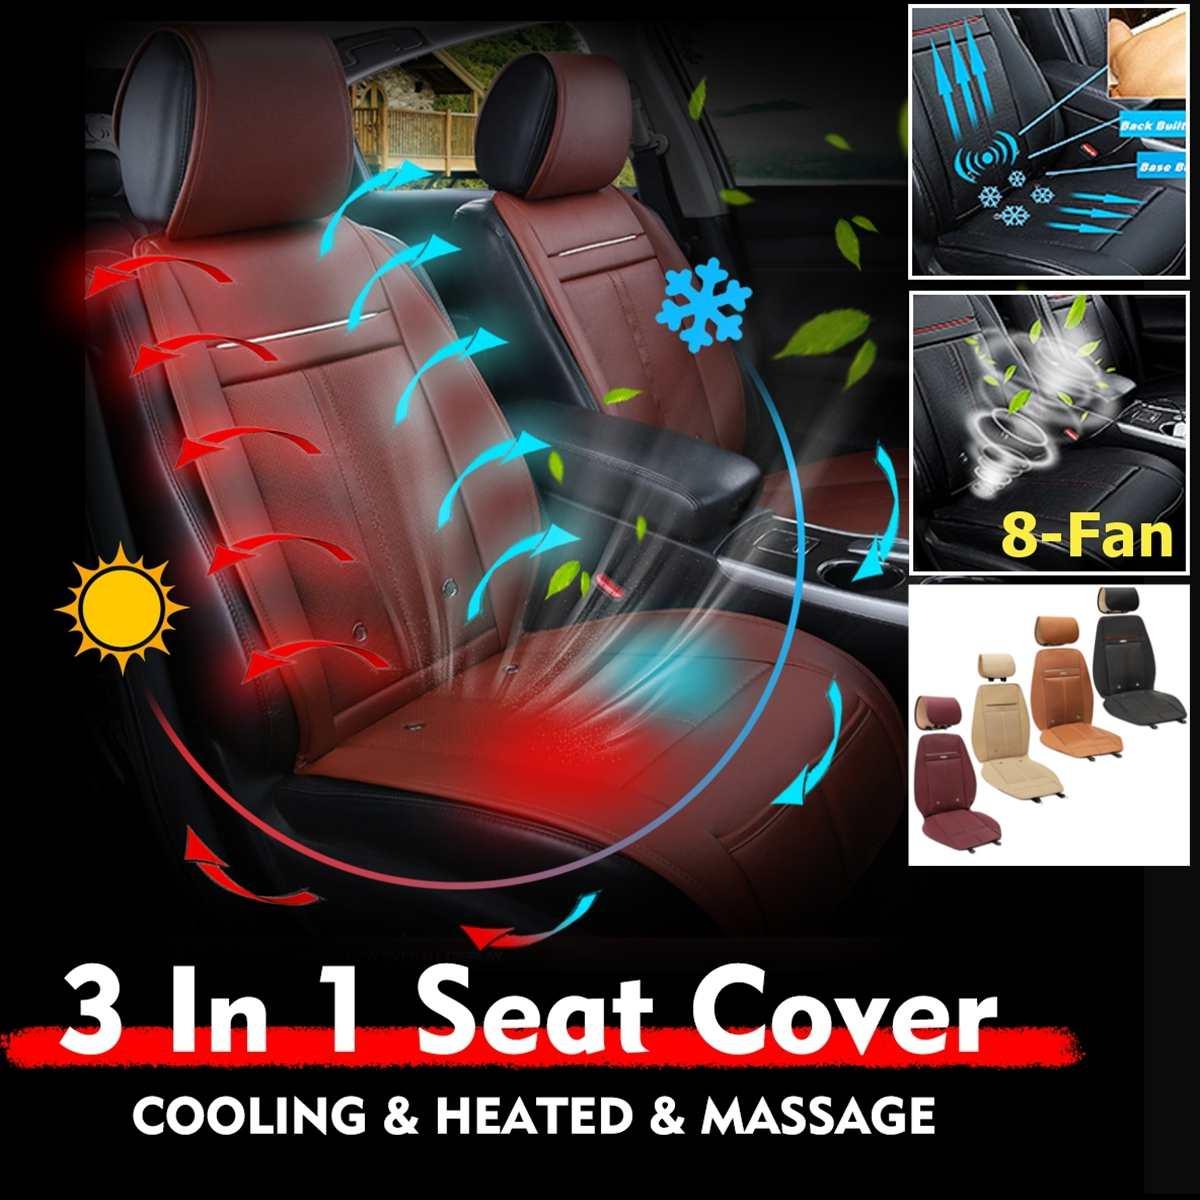 Universel 3 en 1 housse de siège de voiture coussin de refroidissement et chaud chauffé et fauteuil de Massage avec 8 ventilateurs multifonctions Automobiles housses de siège